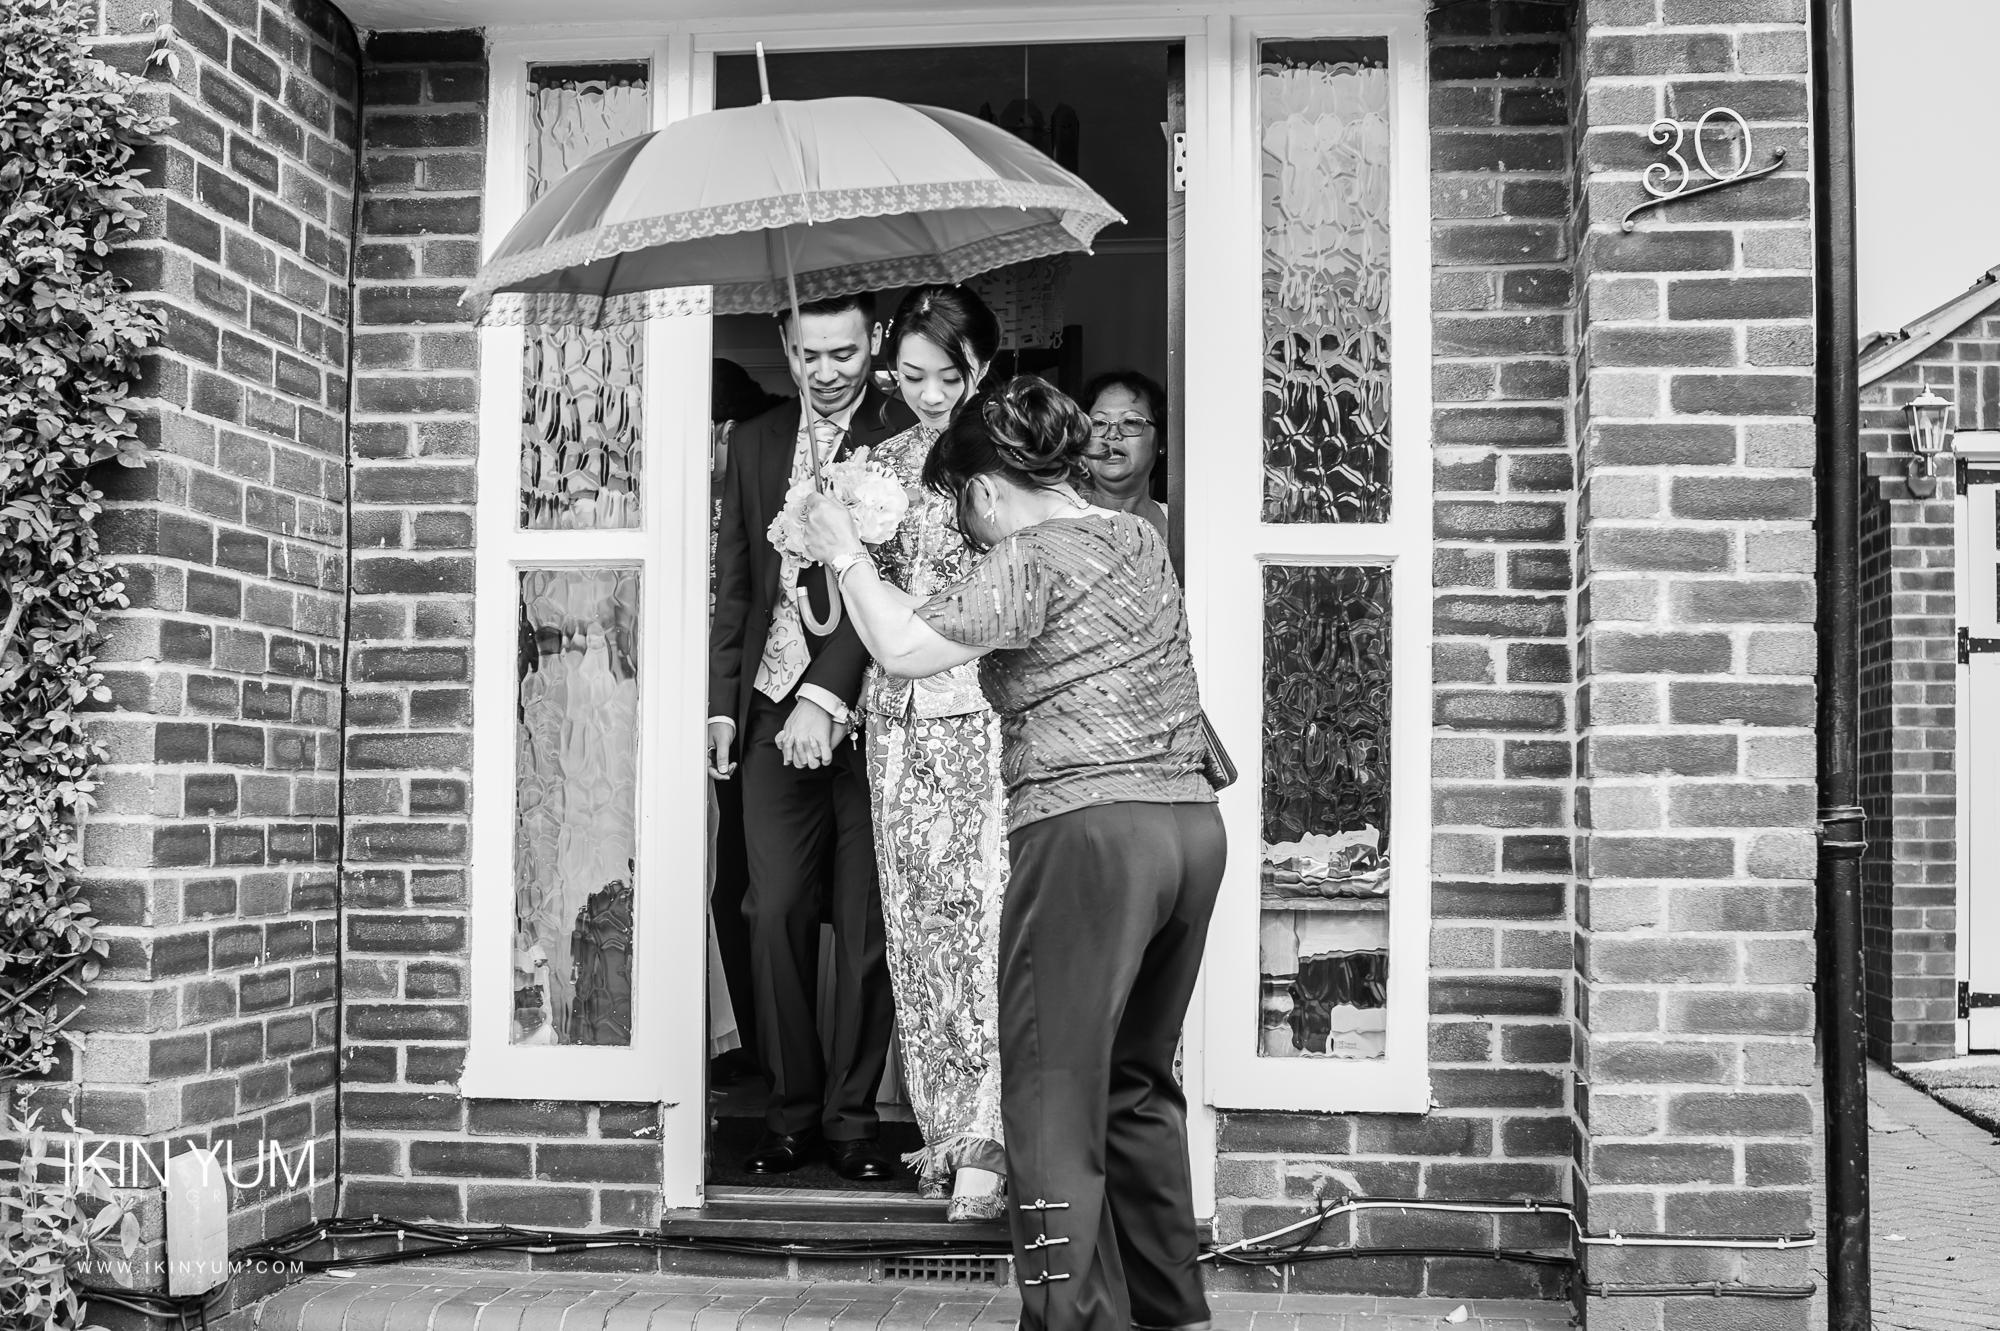 Sylvianne & Chun Wedding Day - Ikin Yum Photography-043.jpg